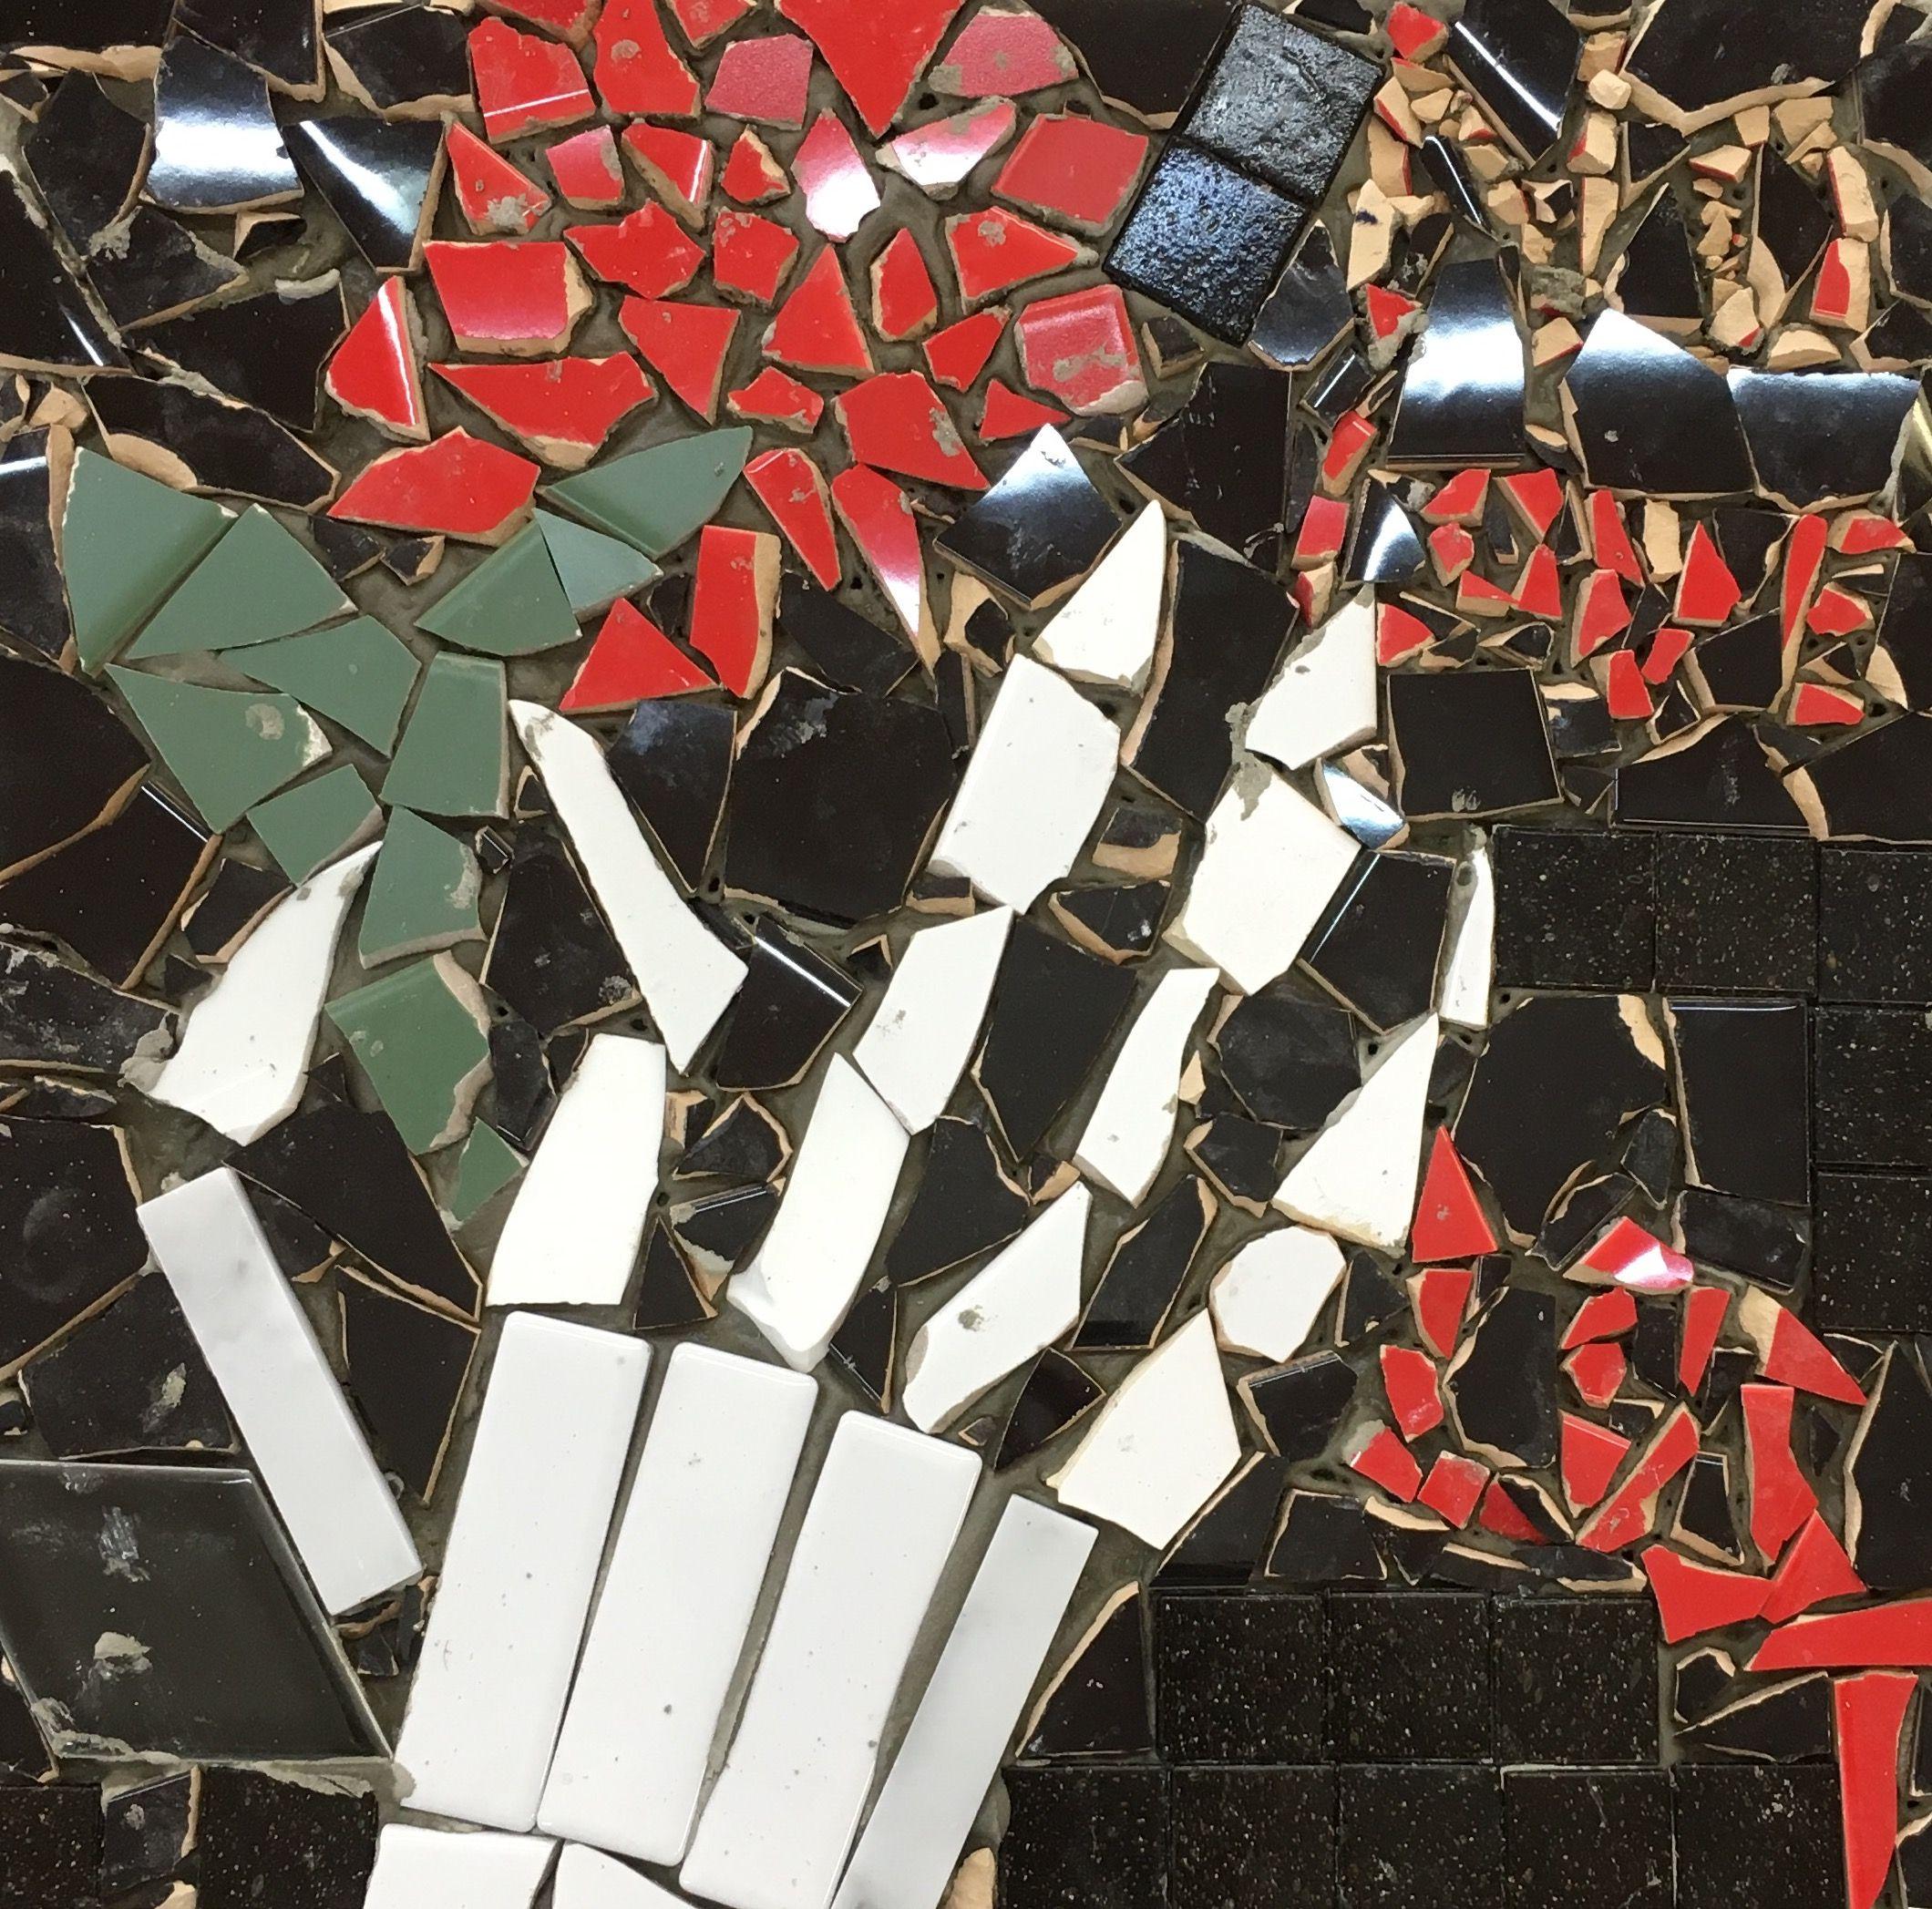 Pin on Artsoupnz Mosaics